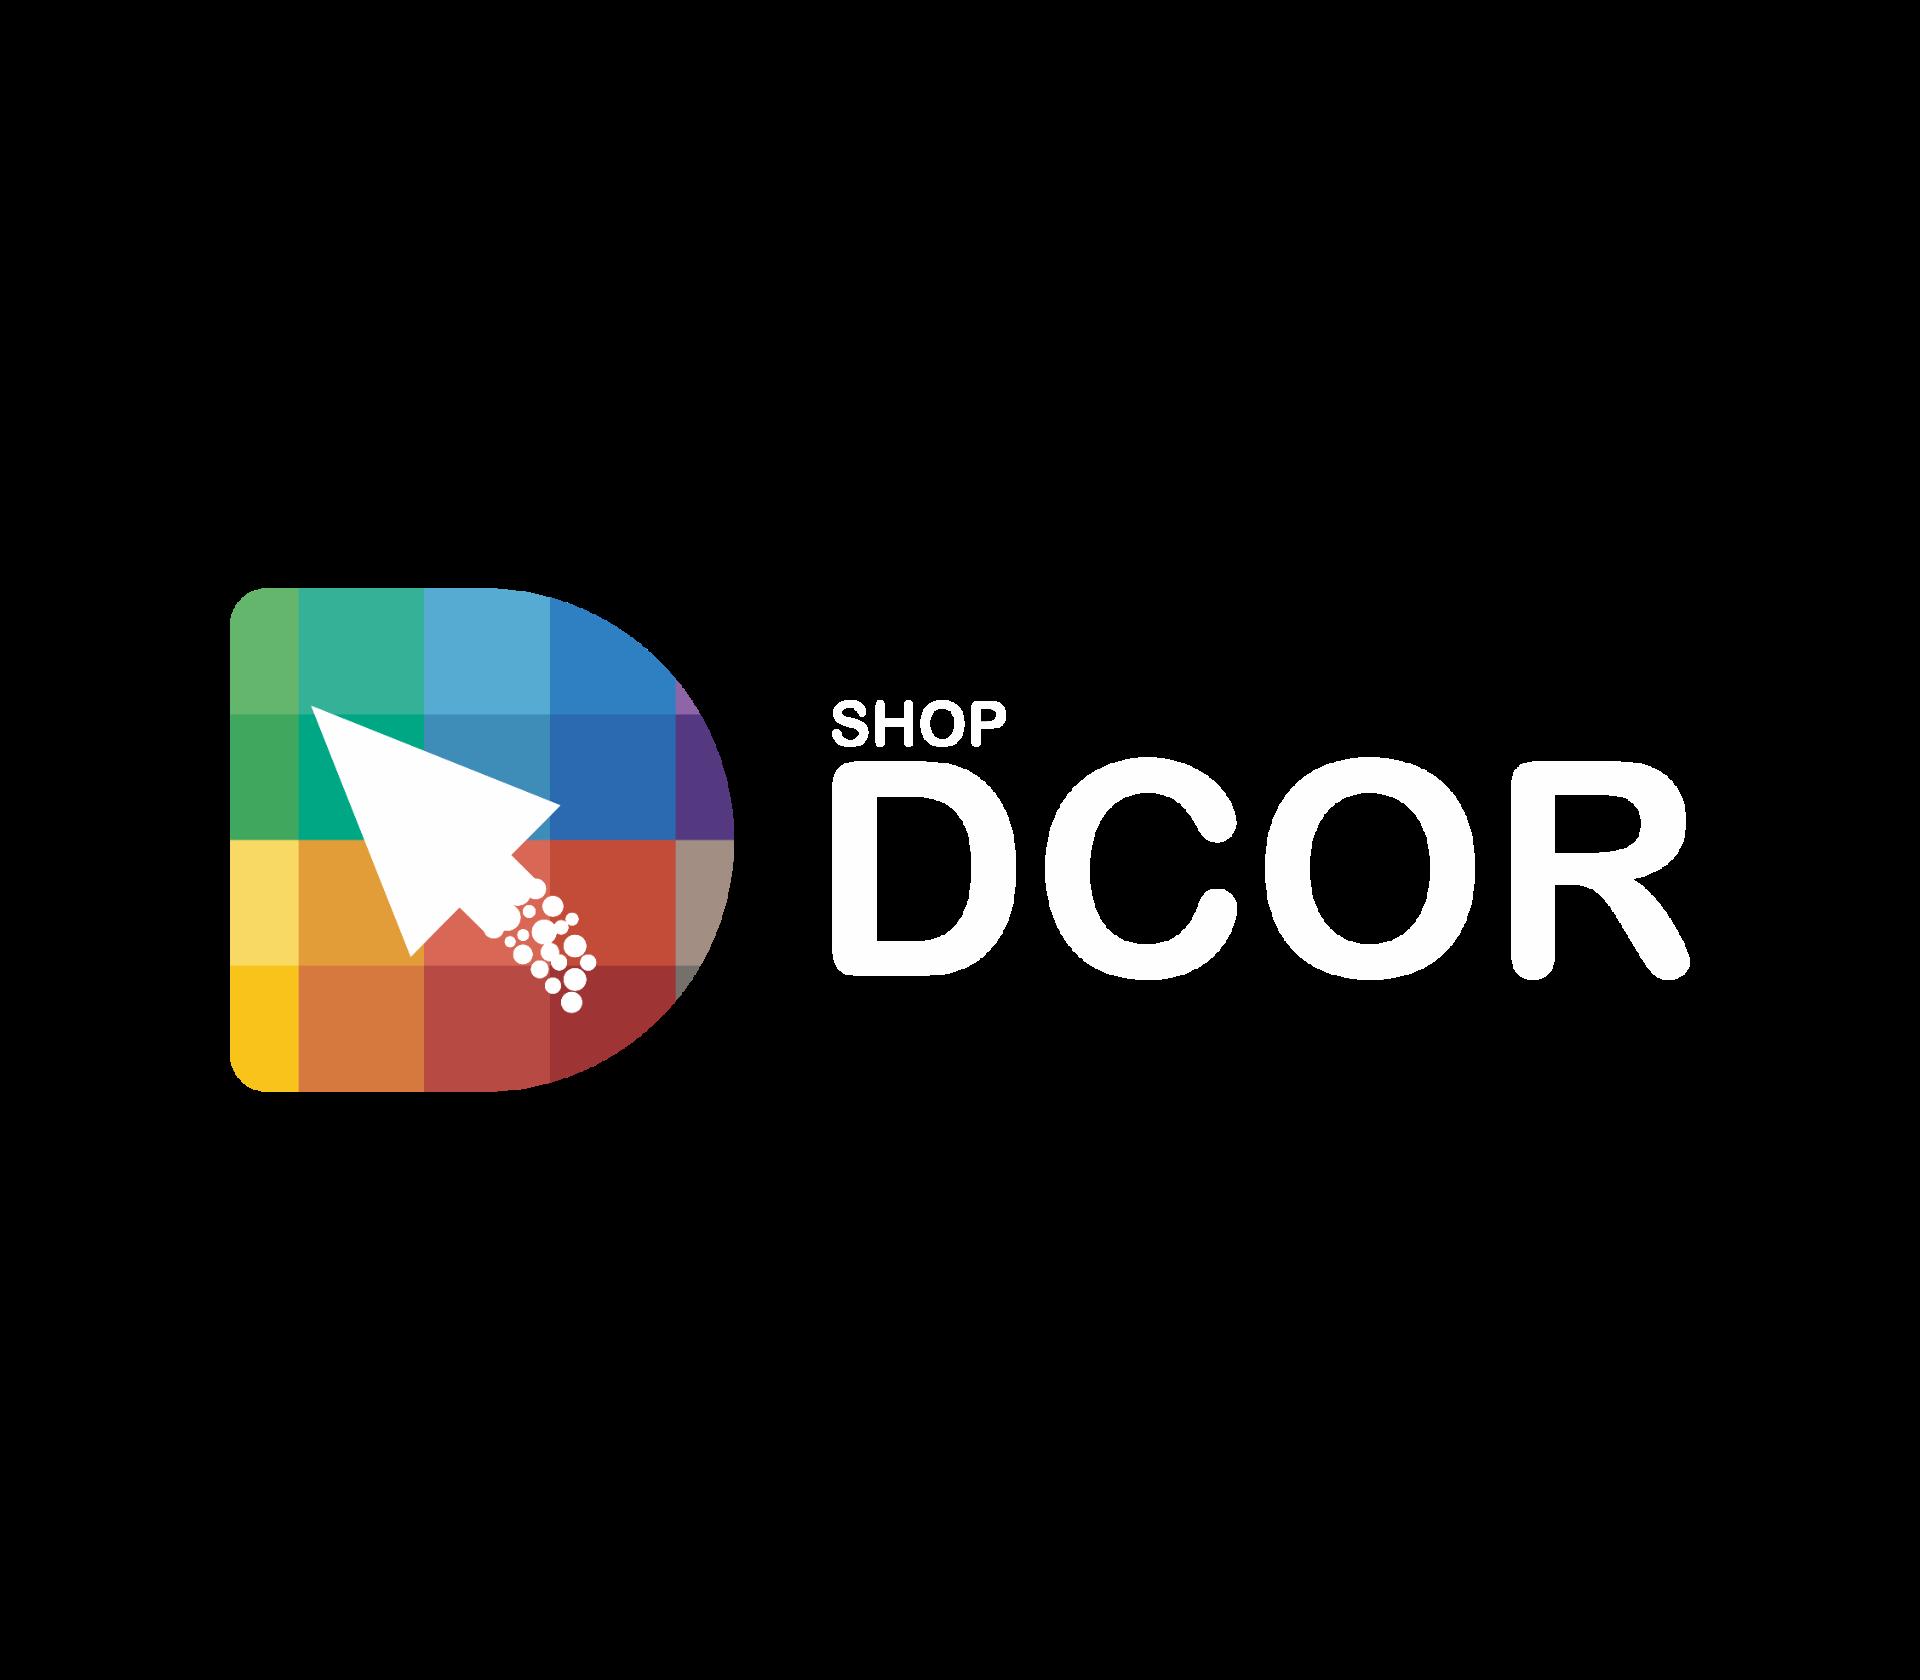 ShopDcor